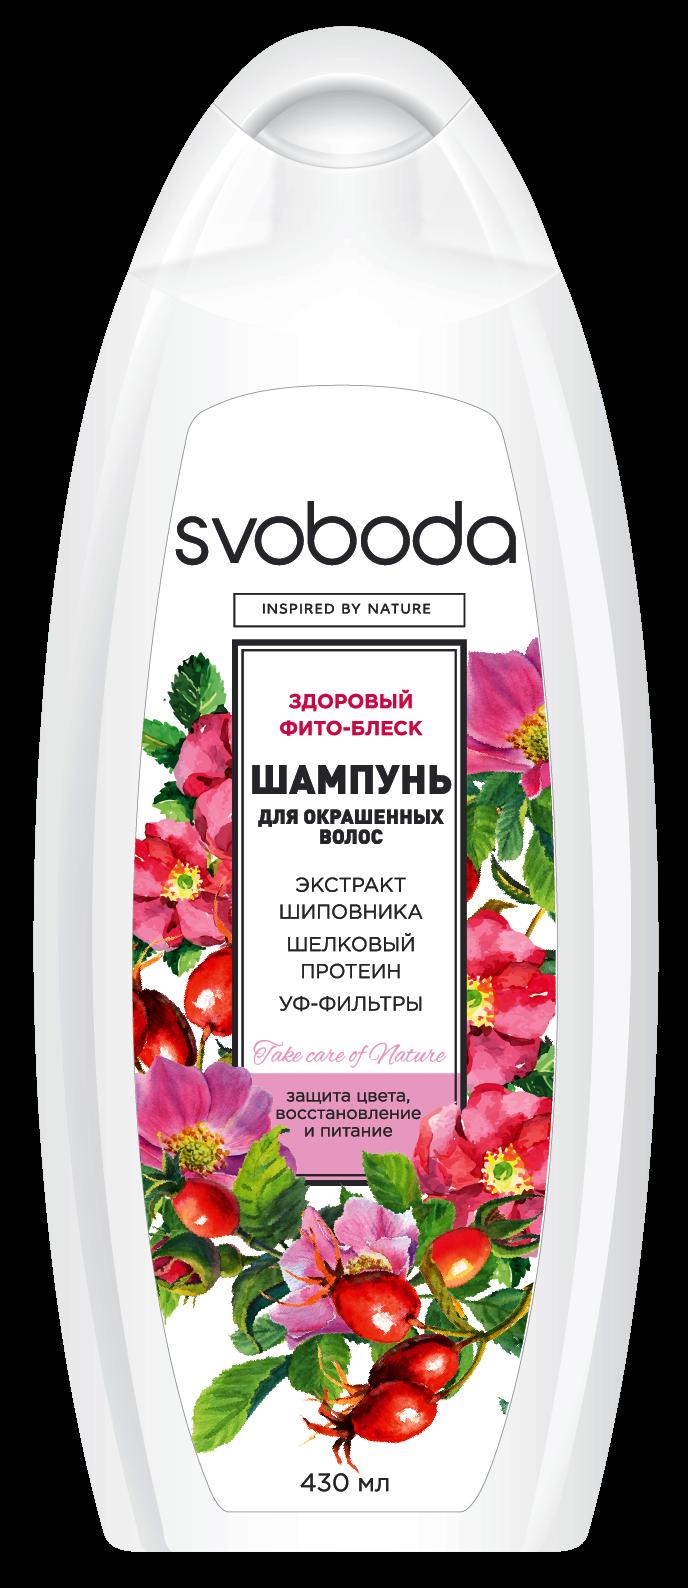 Купить Шампунь SVOBODA для окрашенных волос с экстрактом шиповника, шёлковым протеином 430 мл, Свобода